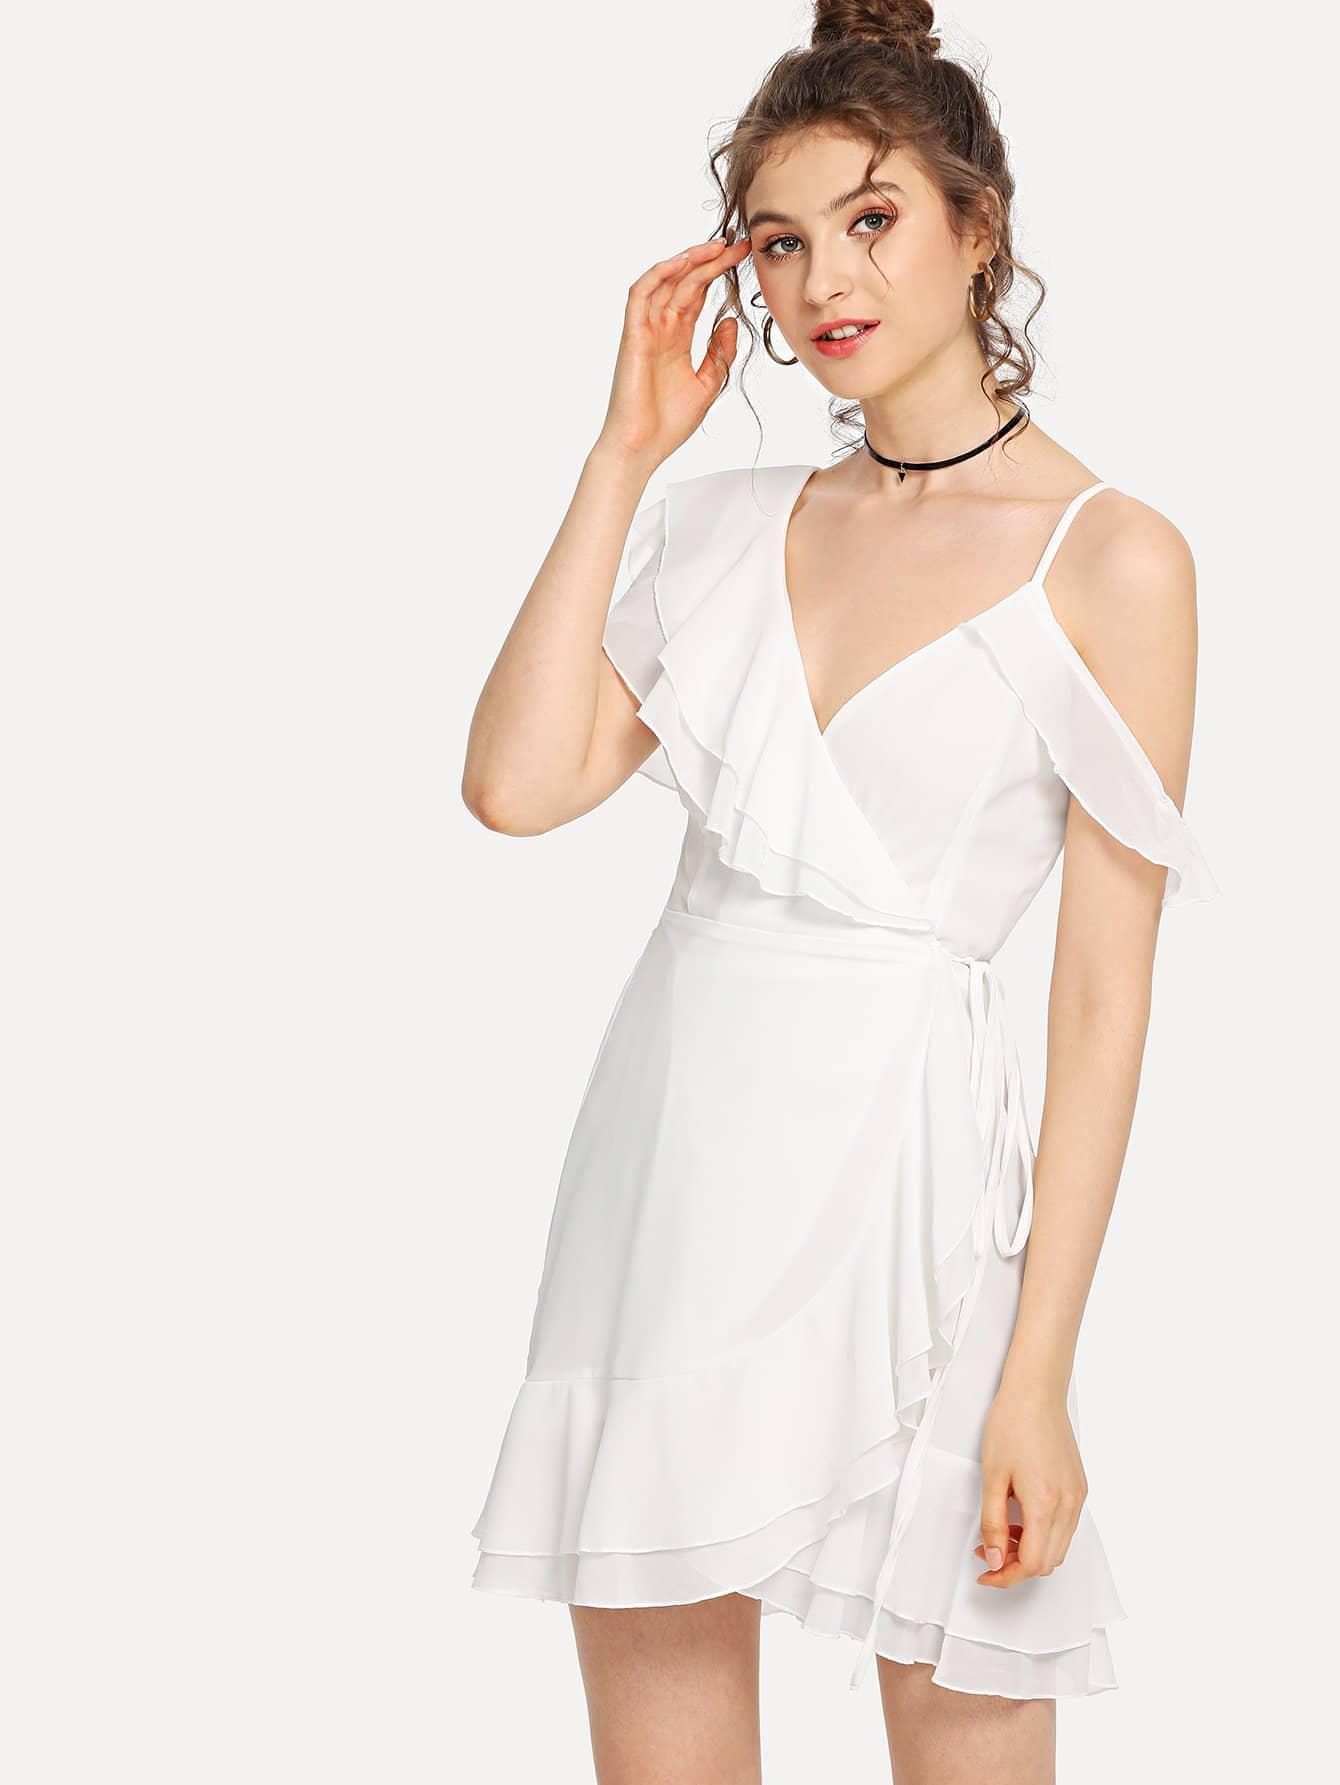 Layered Flounce Trim Tie Waist Surplice Wrap Dress layered ruffle trim satin wrap dress